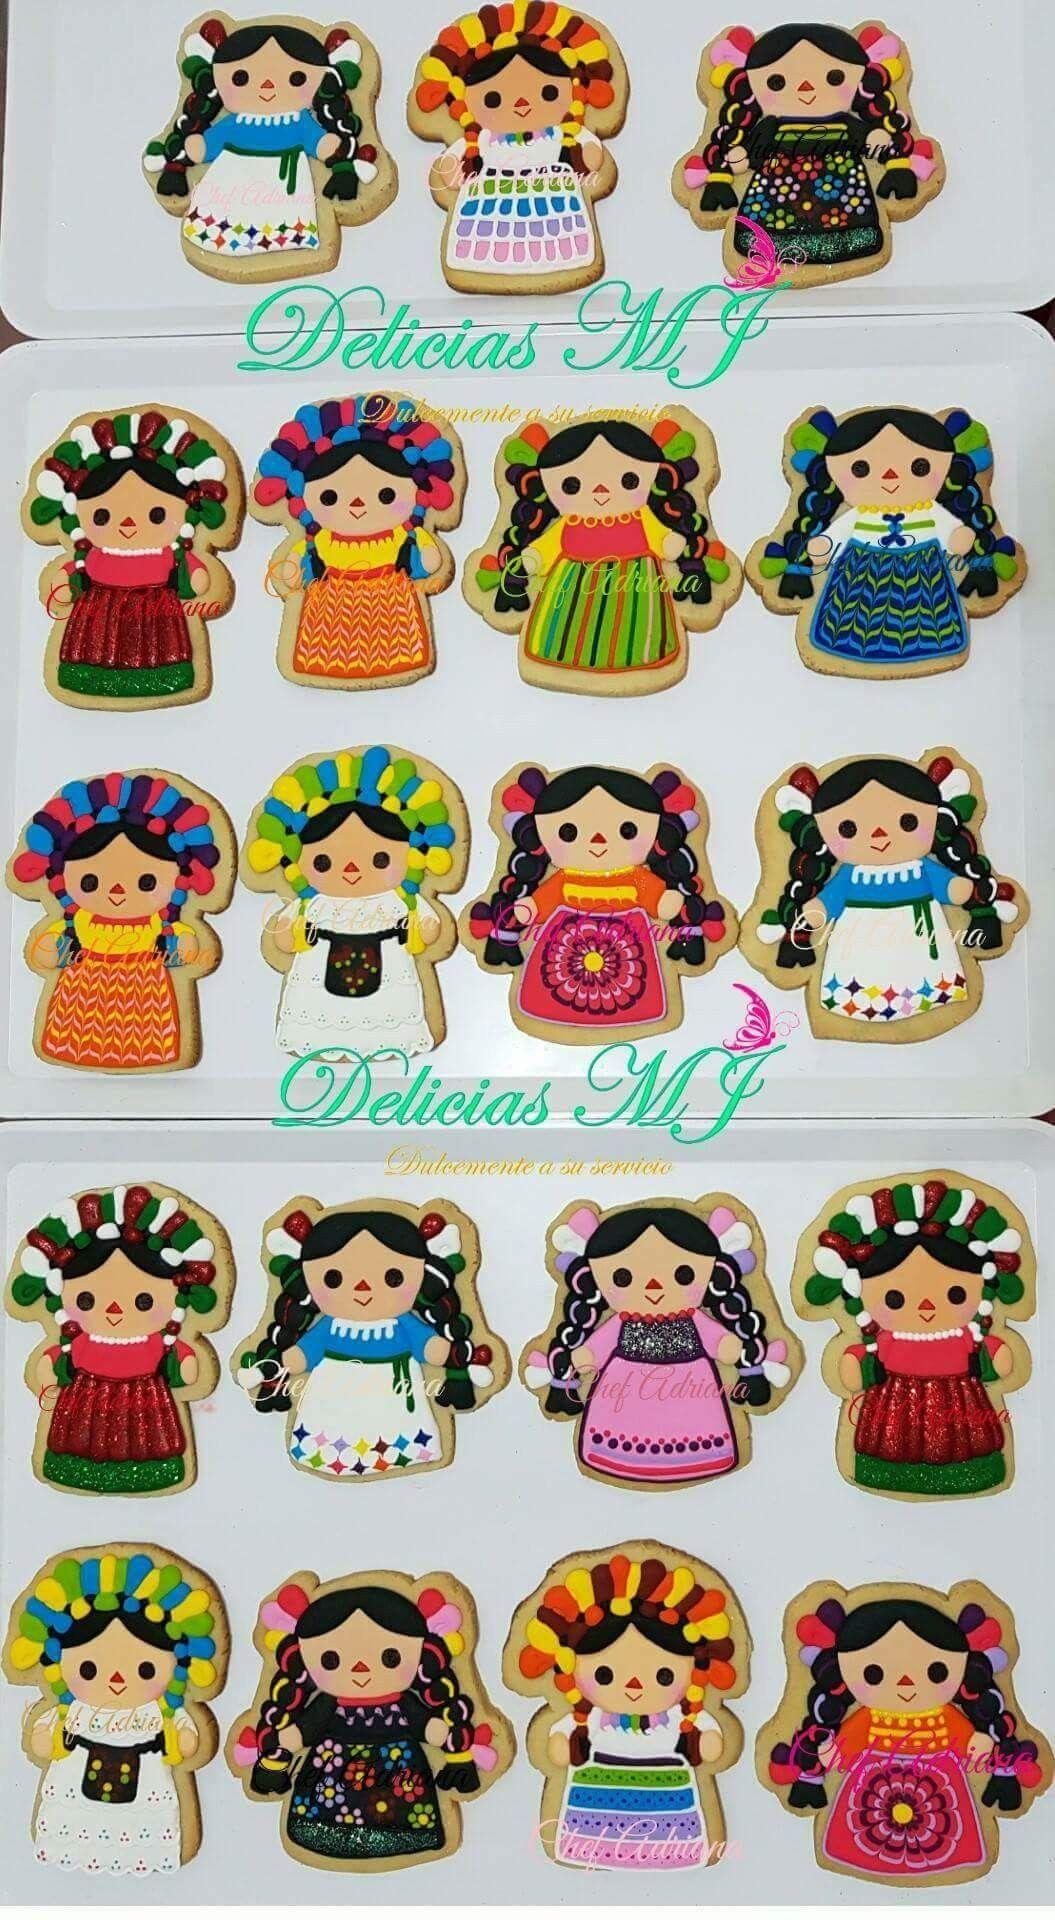 AranzaDrive Galletas Decoradas Mexicanas 171b314d09d